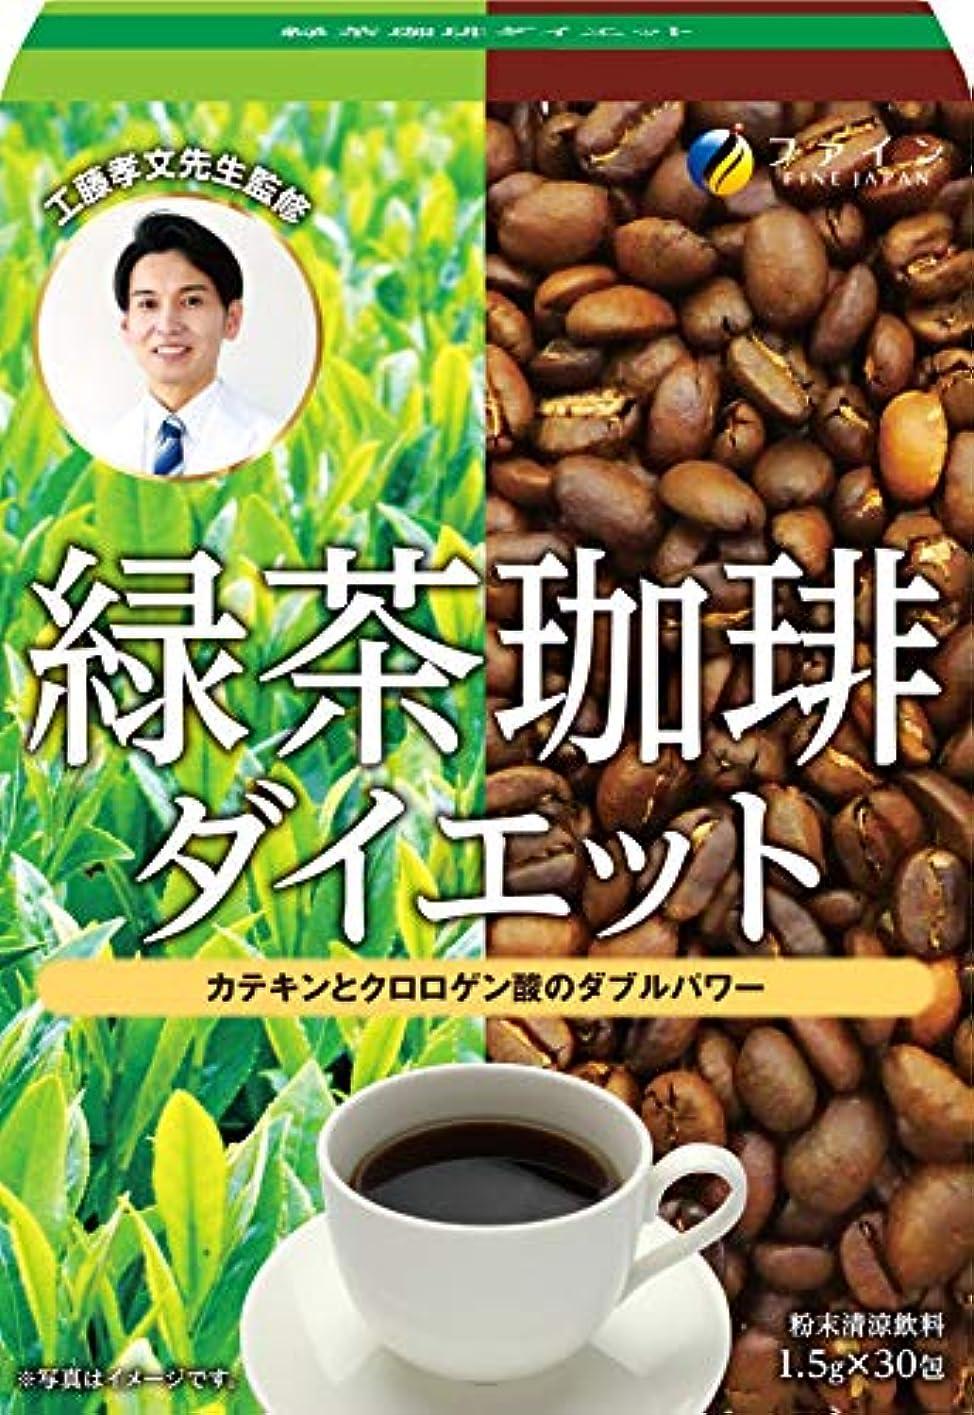 適度に狂信者差別的ファイン 緑茶コーヒーダイエット 30包入 クロロゲン酸 カテキン 含有